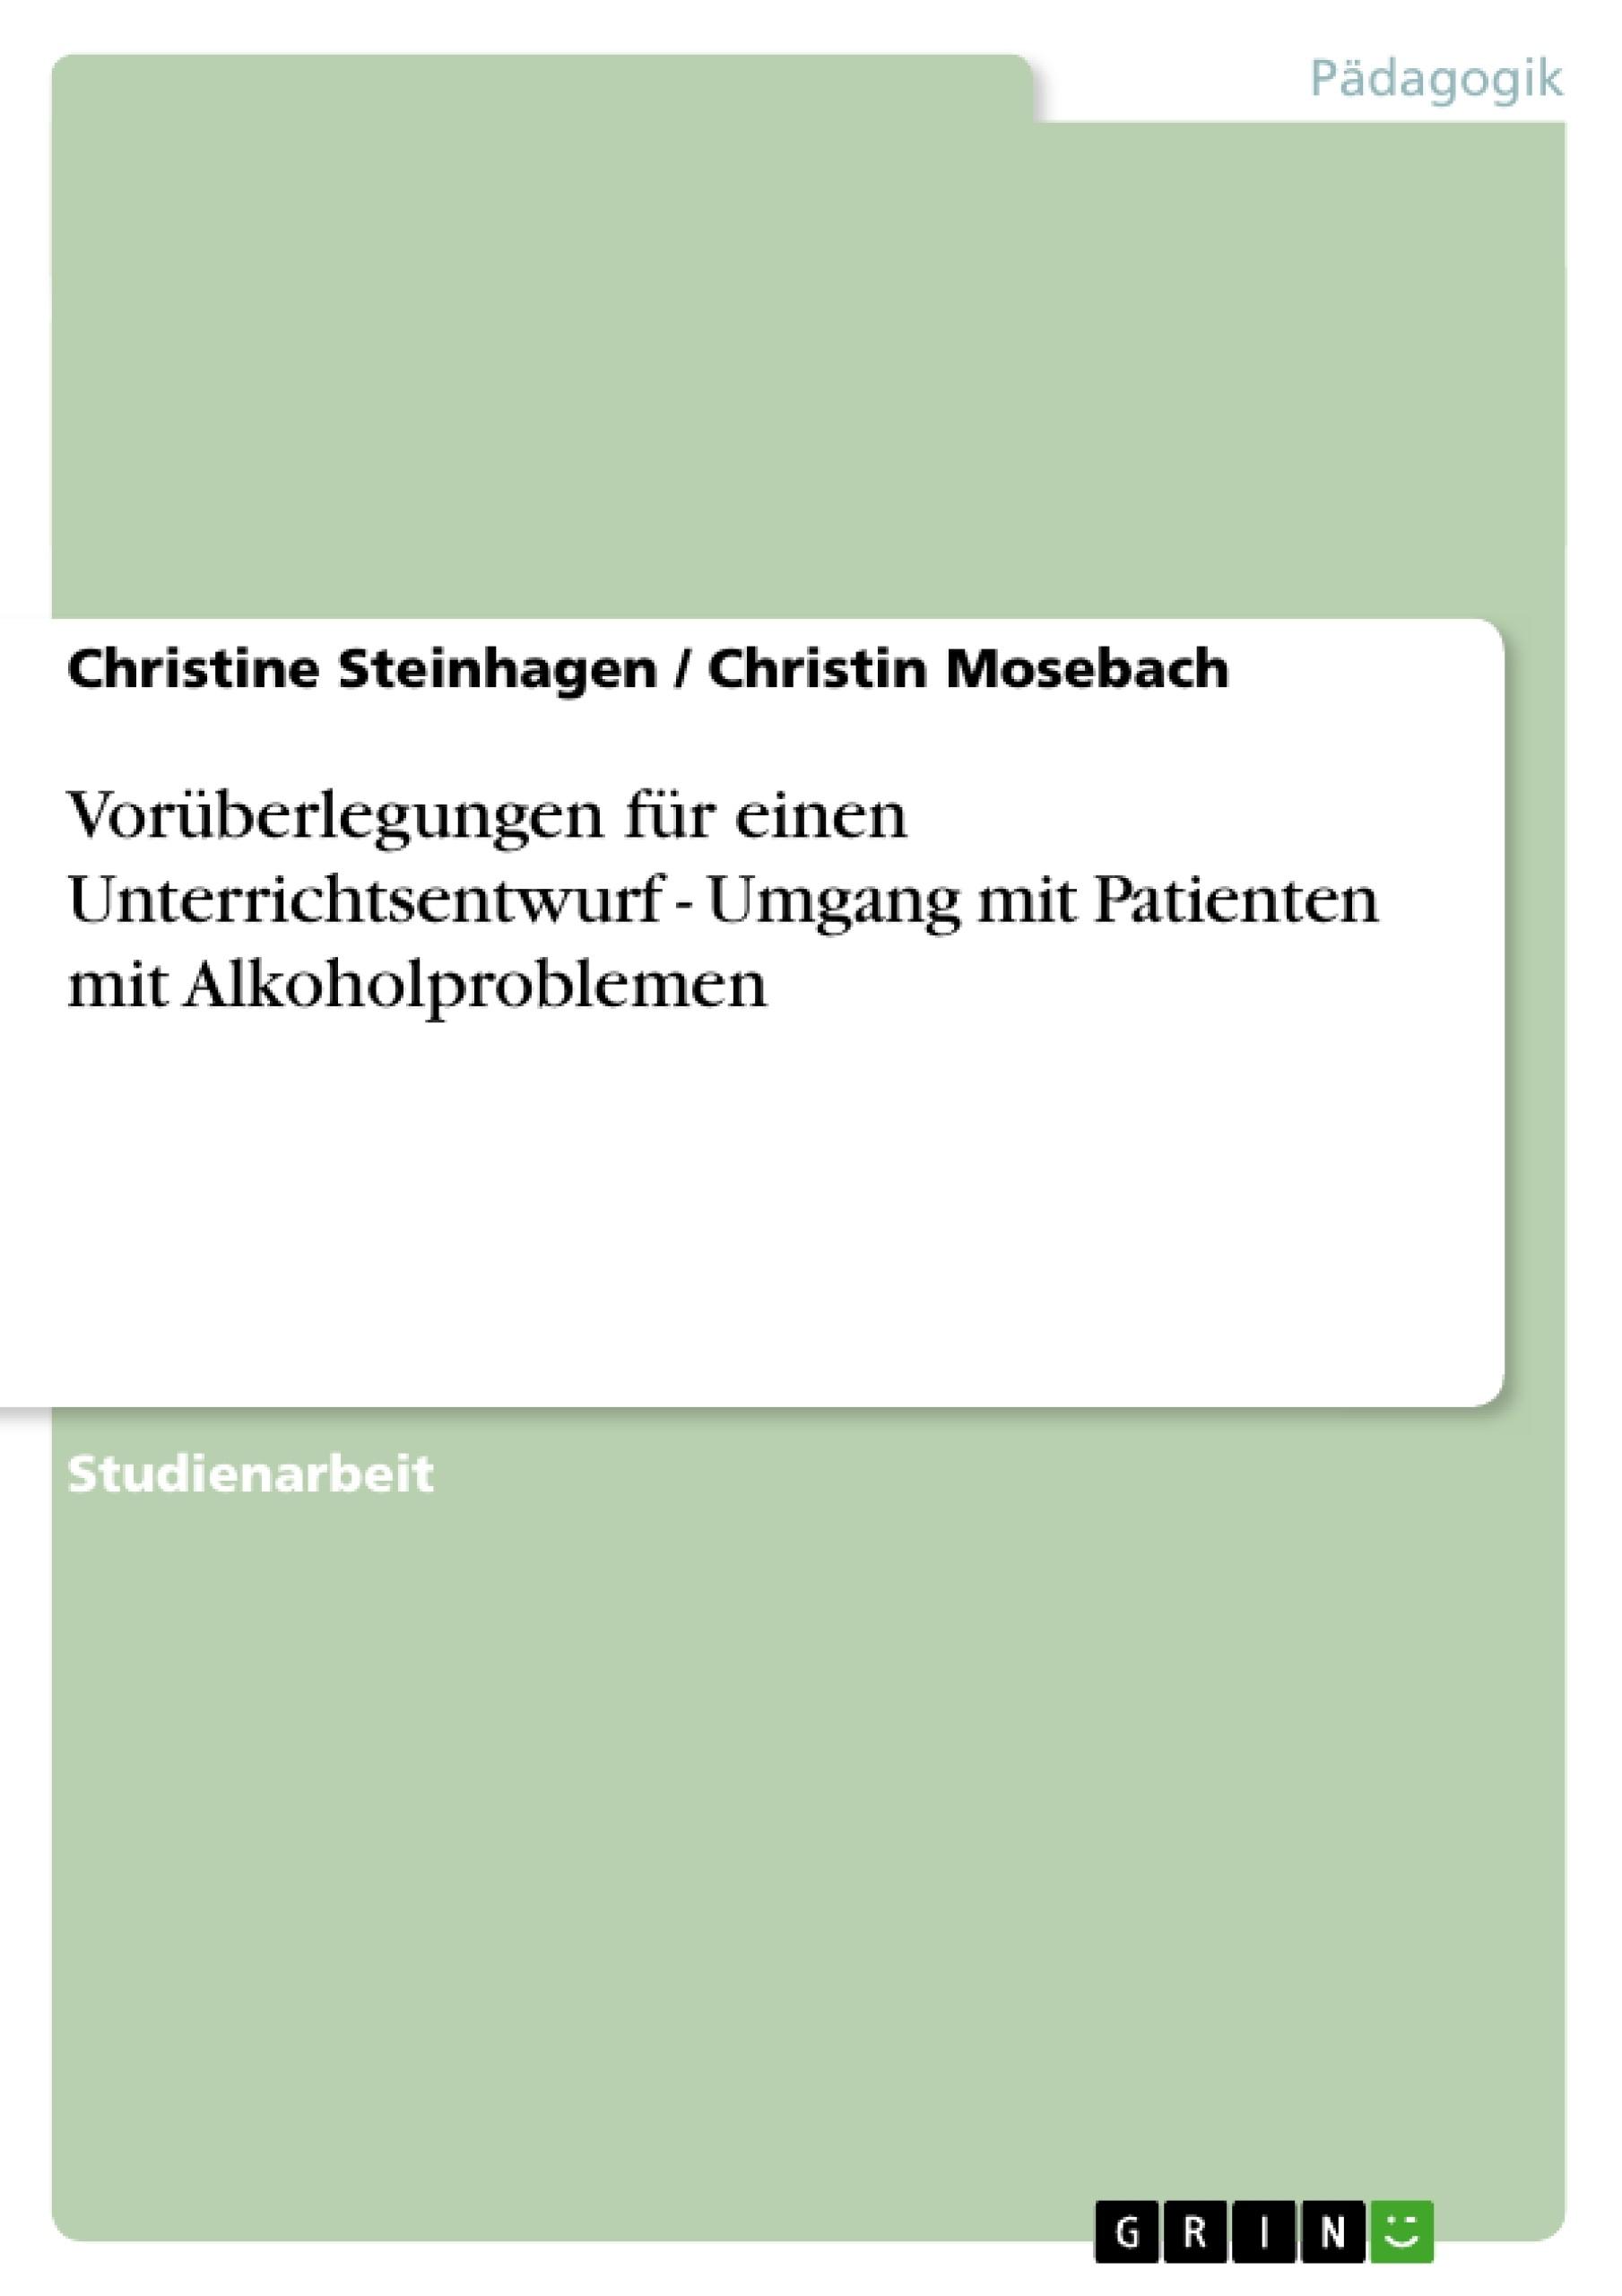 Titel: Vorüberlegungen für einen Unterrichtsentwurf - Umgang mit Patienten mit Alkoholproblemen